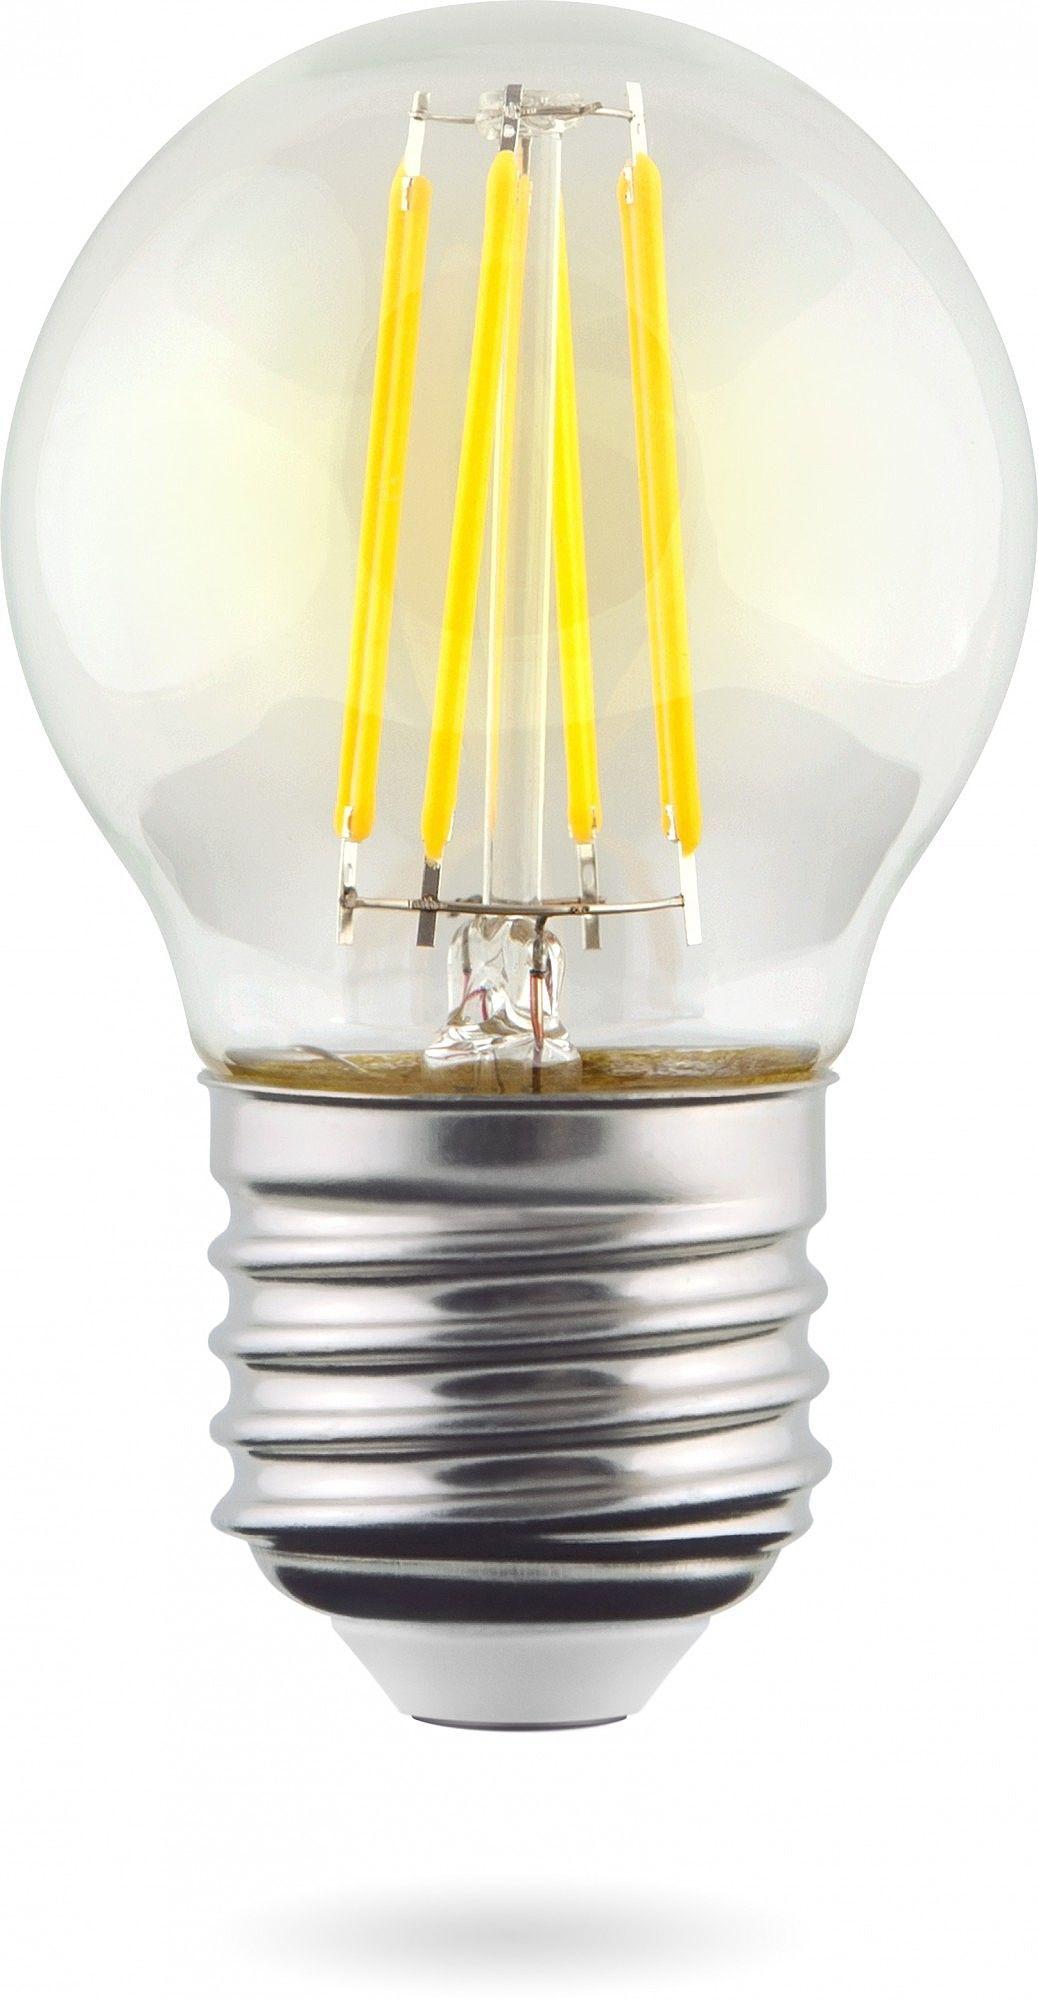 Светодиодная лампа Voltega Crystal 7107 G45 E27 9W, 4000K (дневной) 220V, гарантия 3 года - фото 1